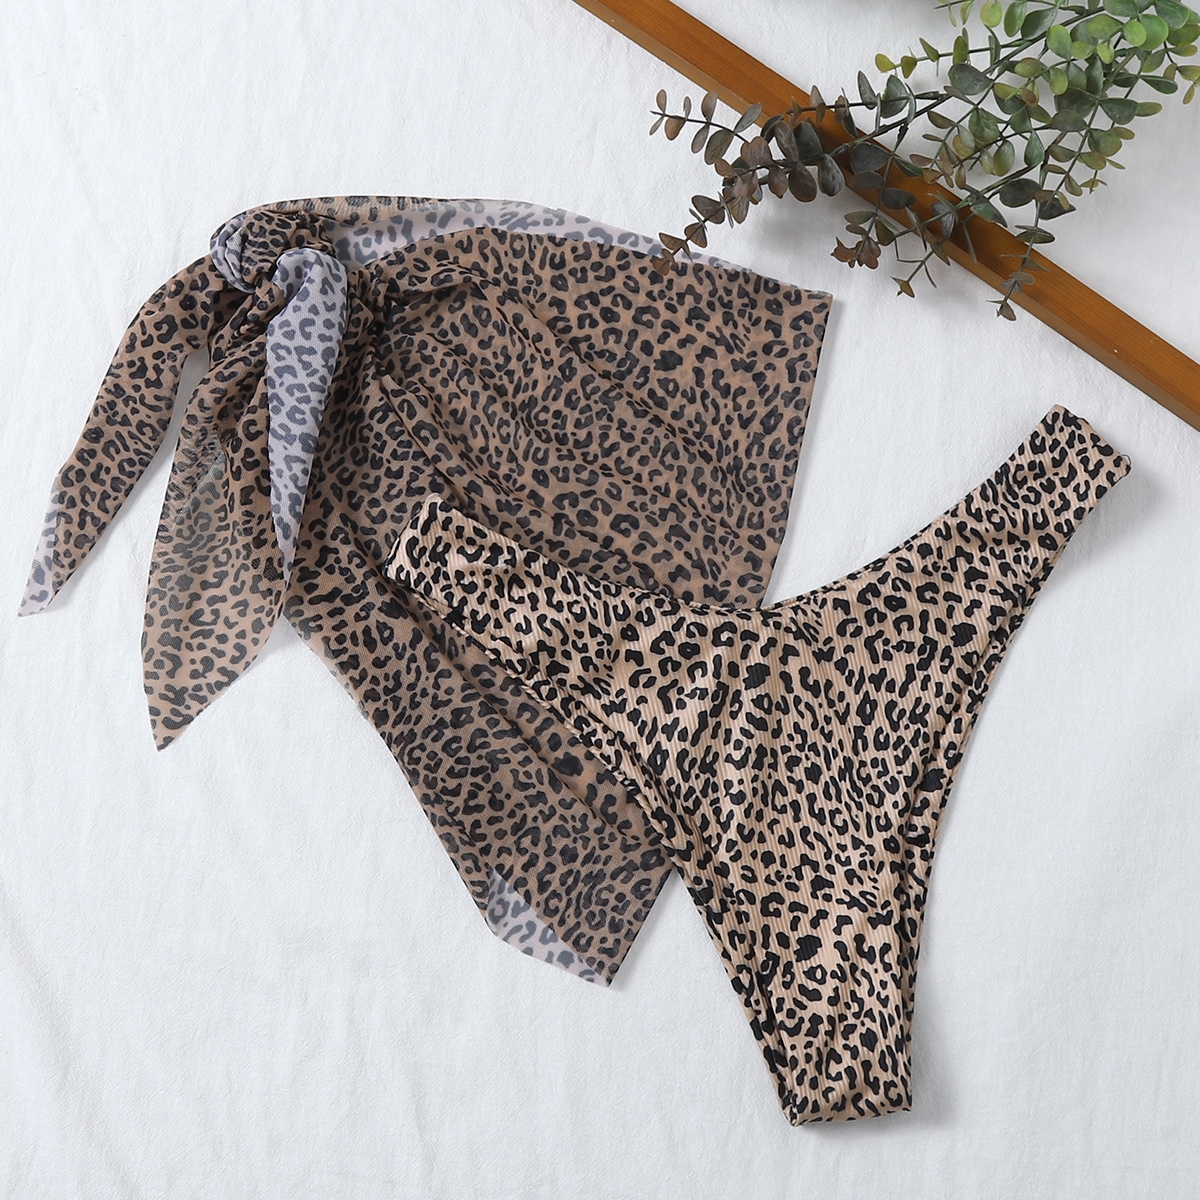 Пляжная юбка и плавки бикини с леопардовым принтом 2шт